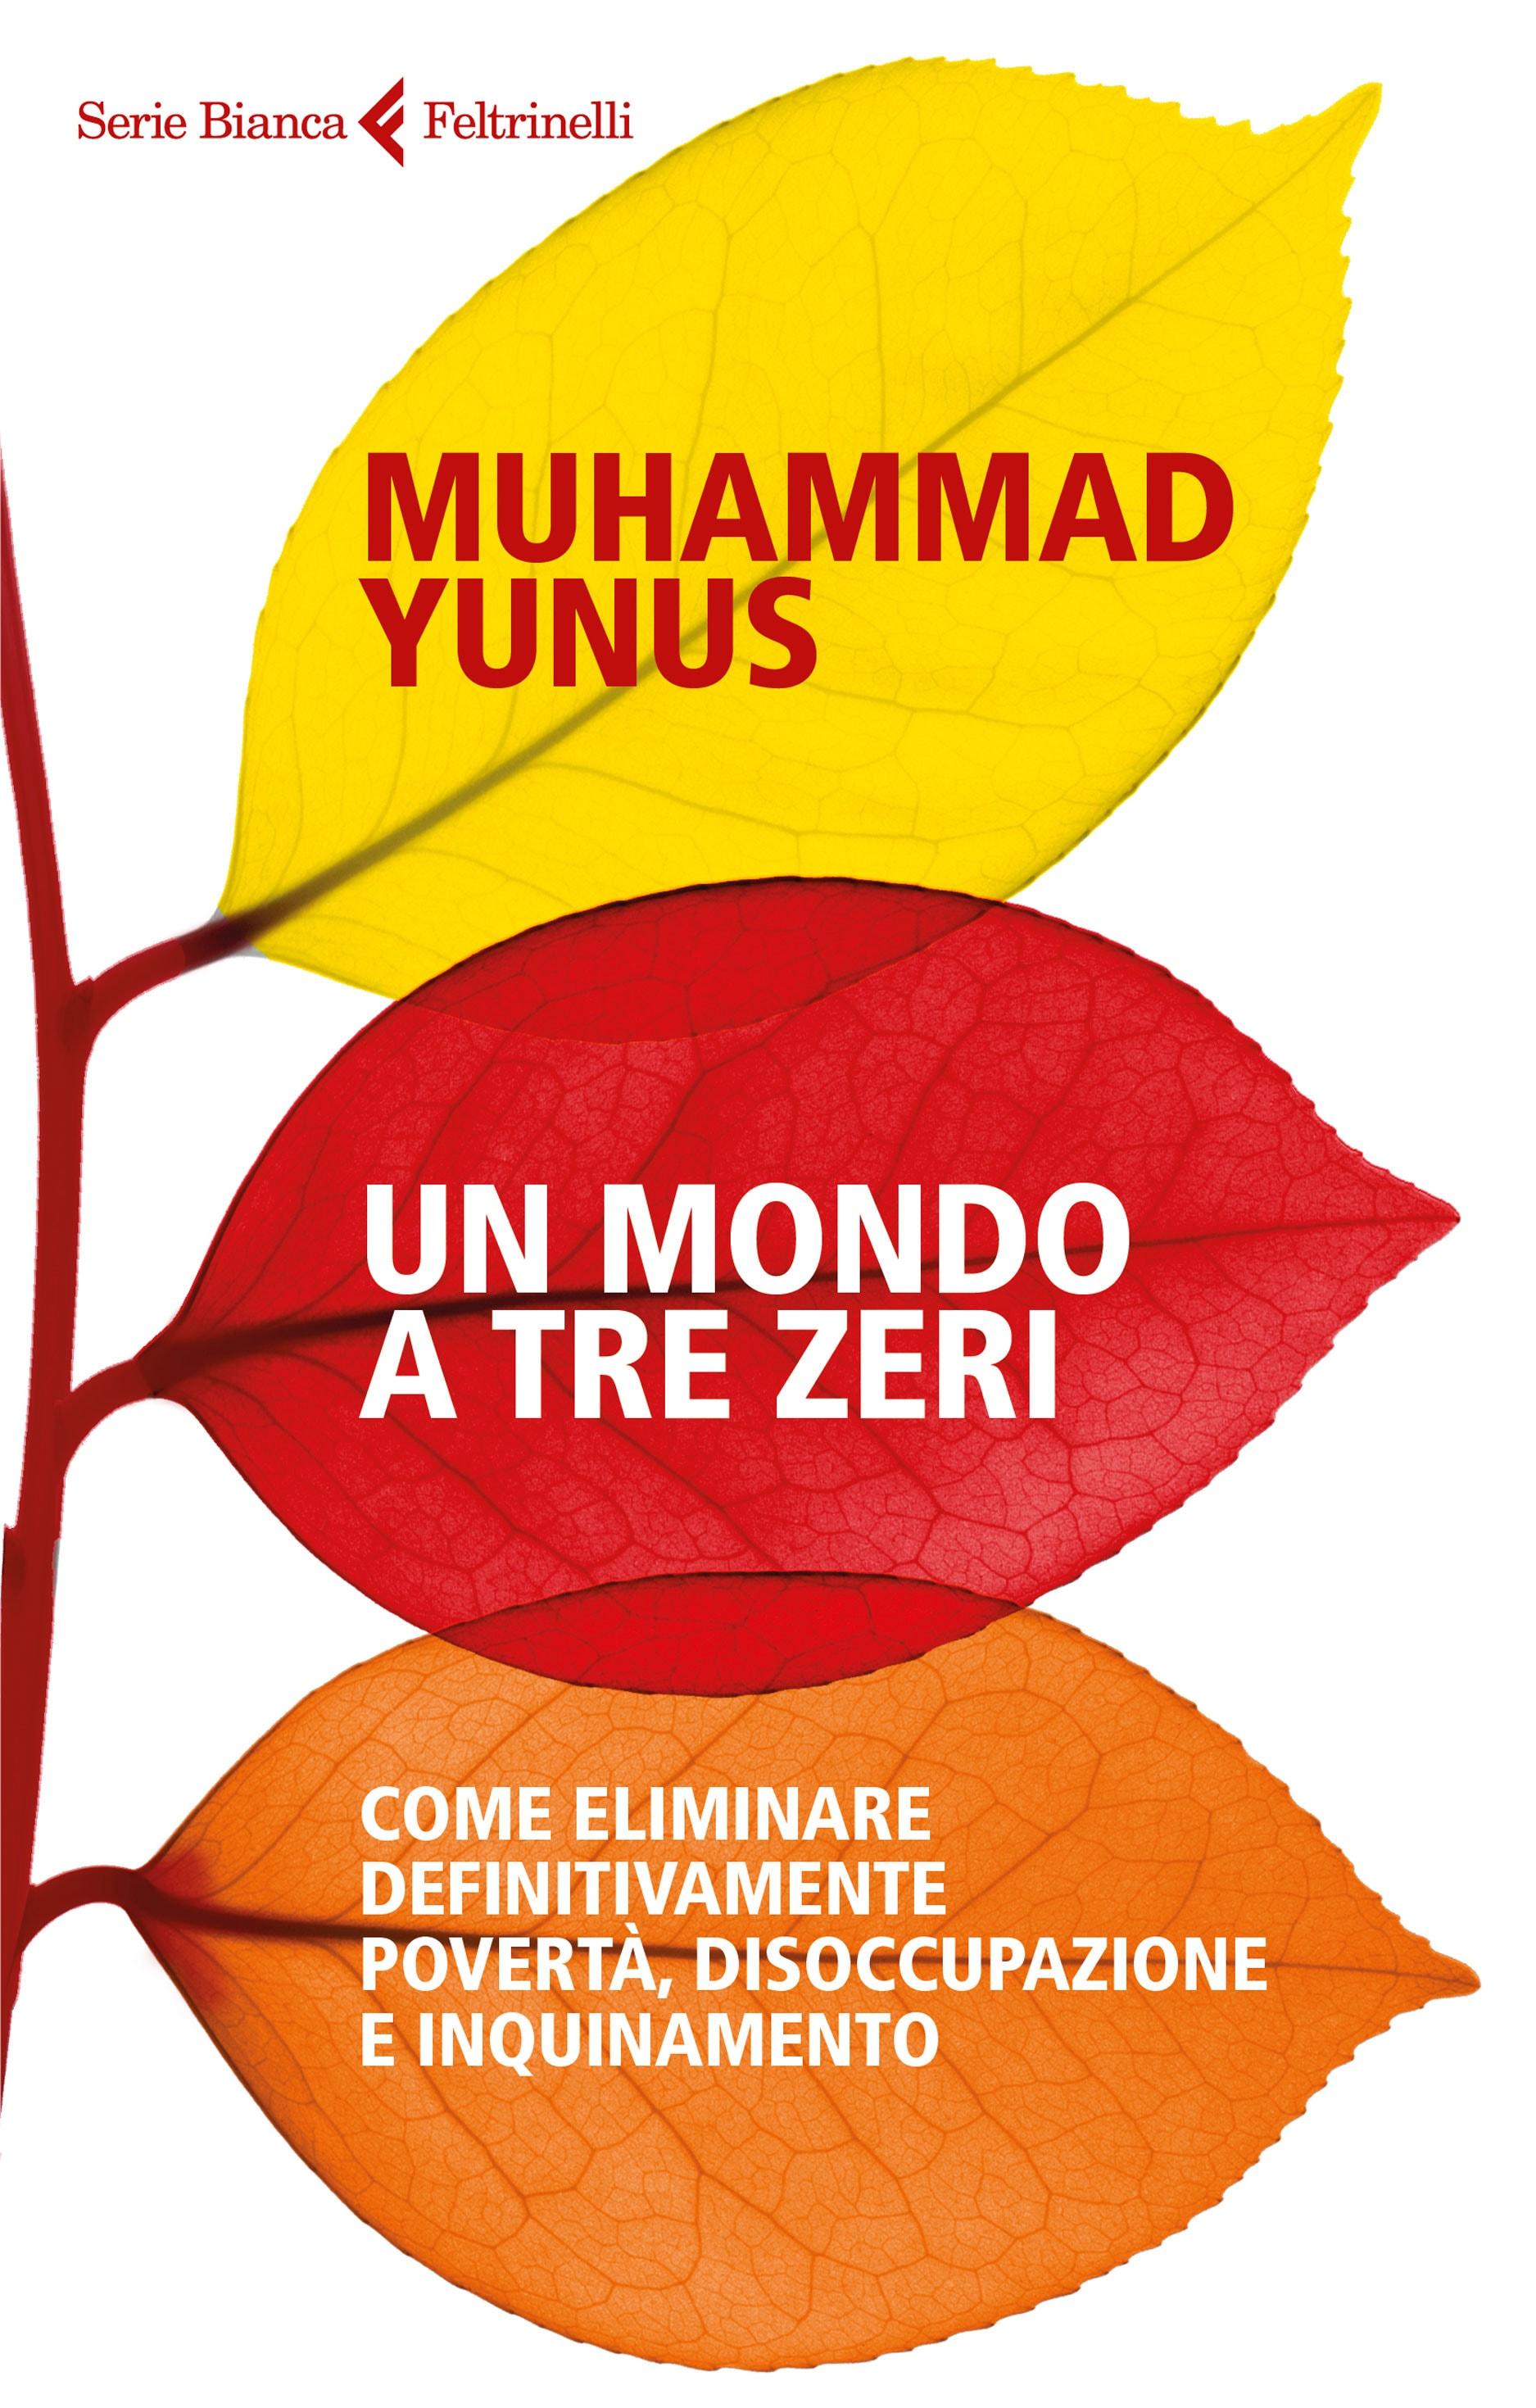 muhammad yunus reddito di cittadinanza 1